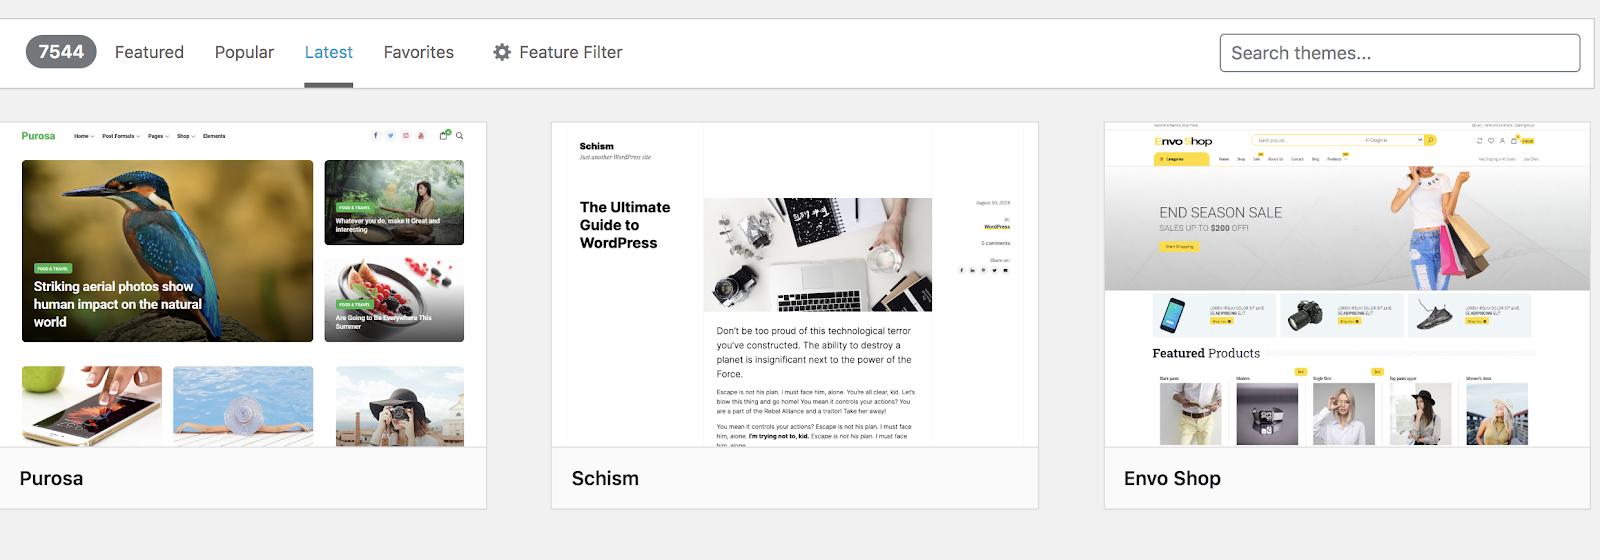 Search WordPress Themes